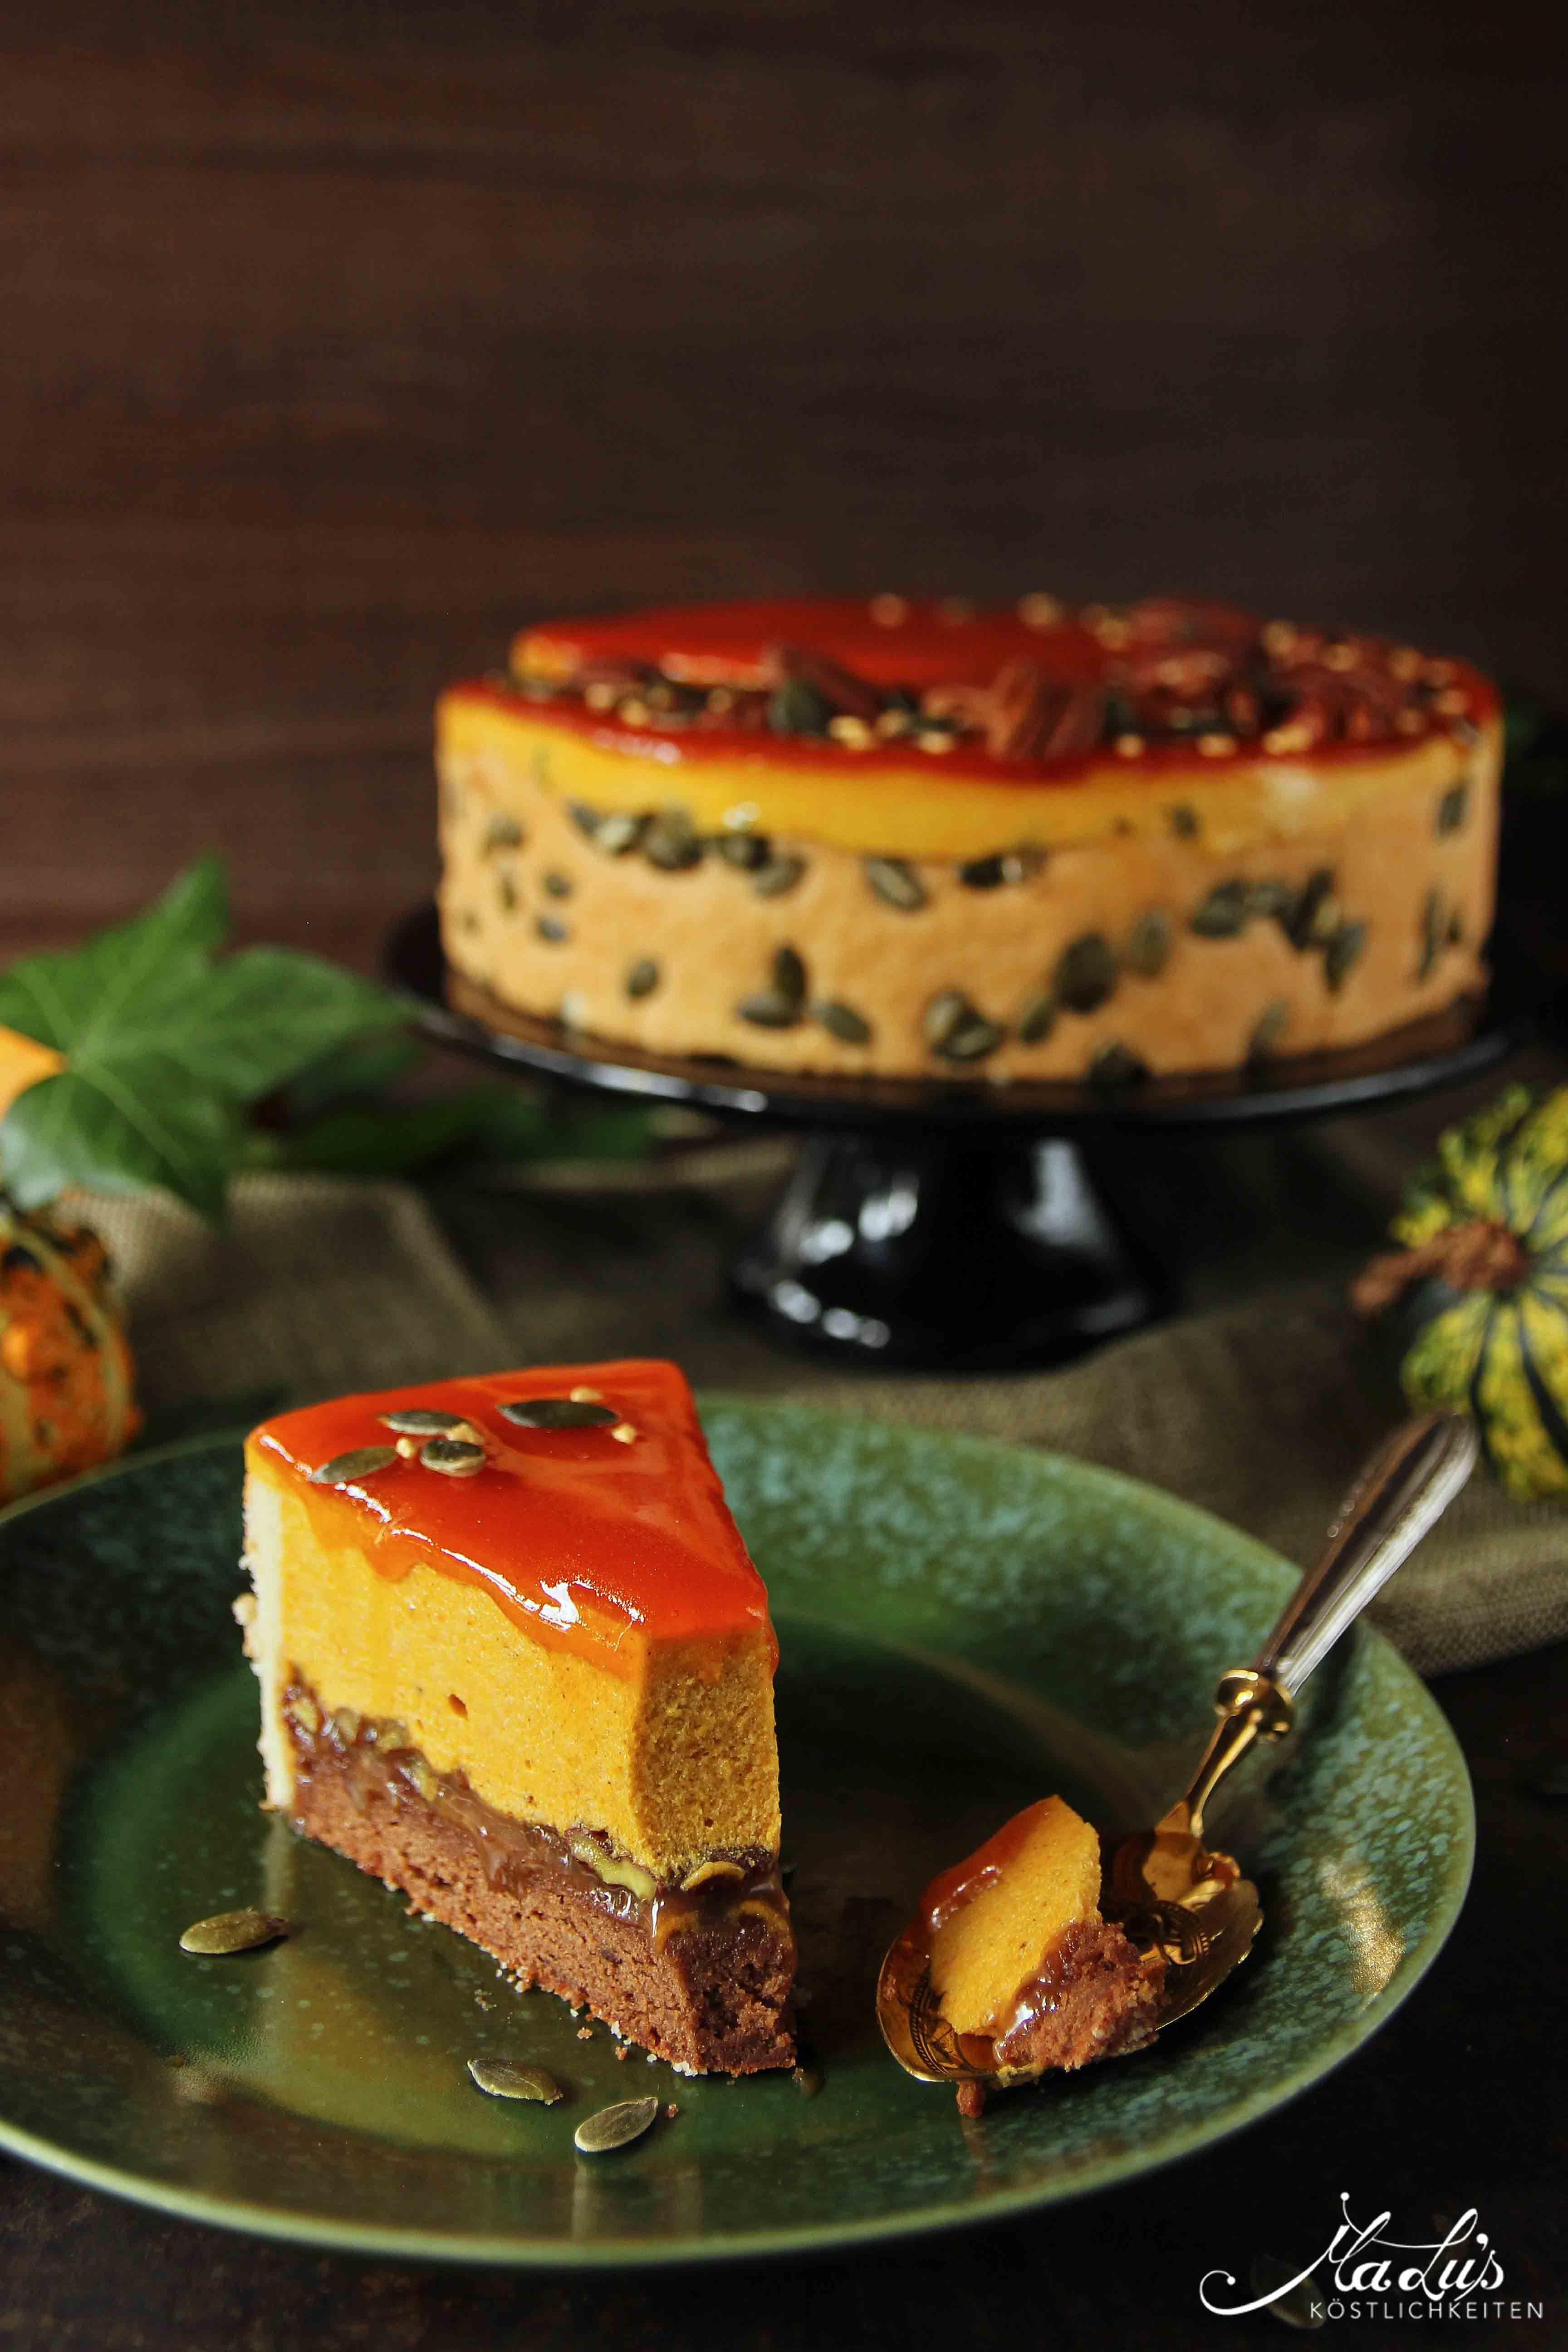 Feine Pumpkin Pie Torte - Maren Lubbe - Feine Köstlichkeiten #pumpkinpierecipe